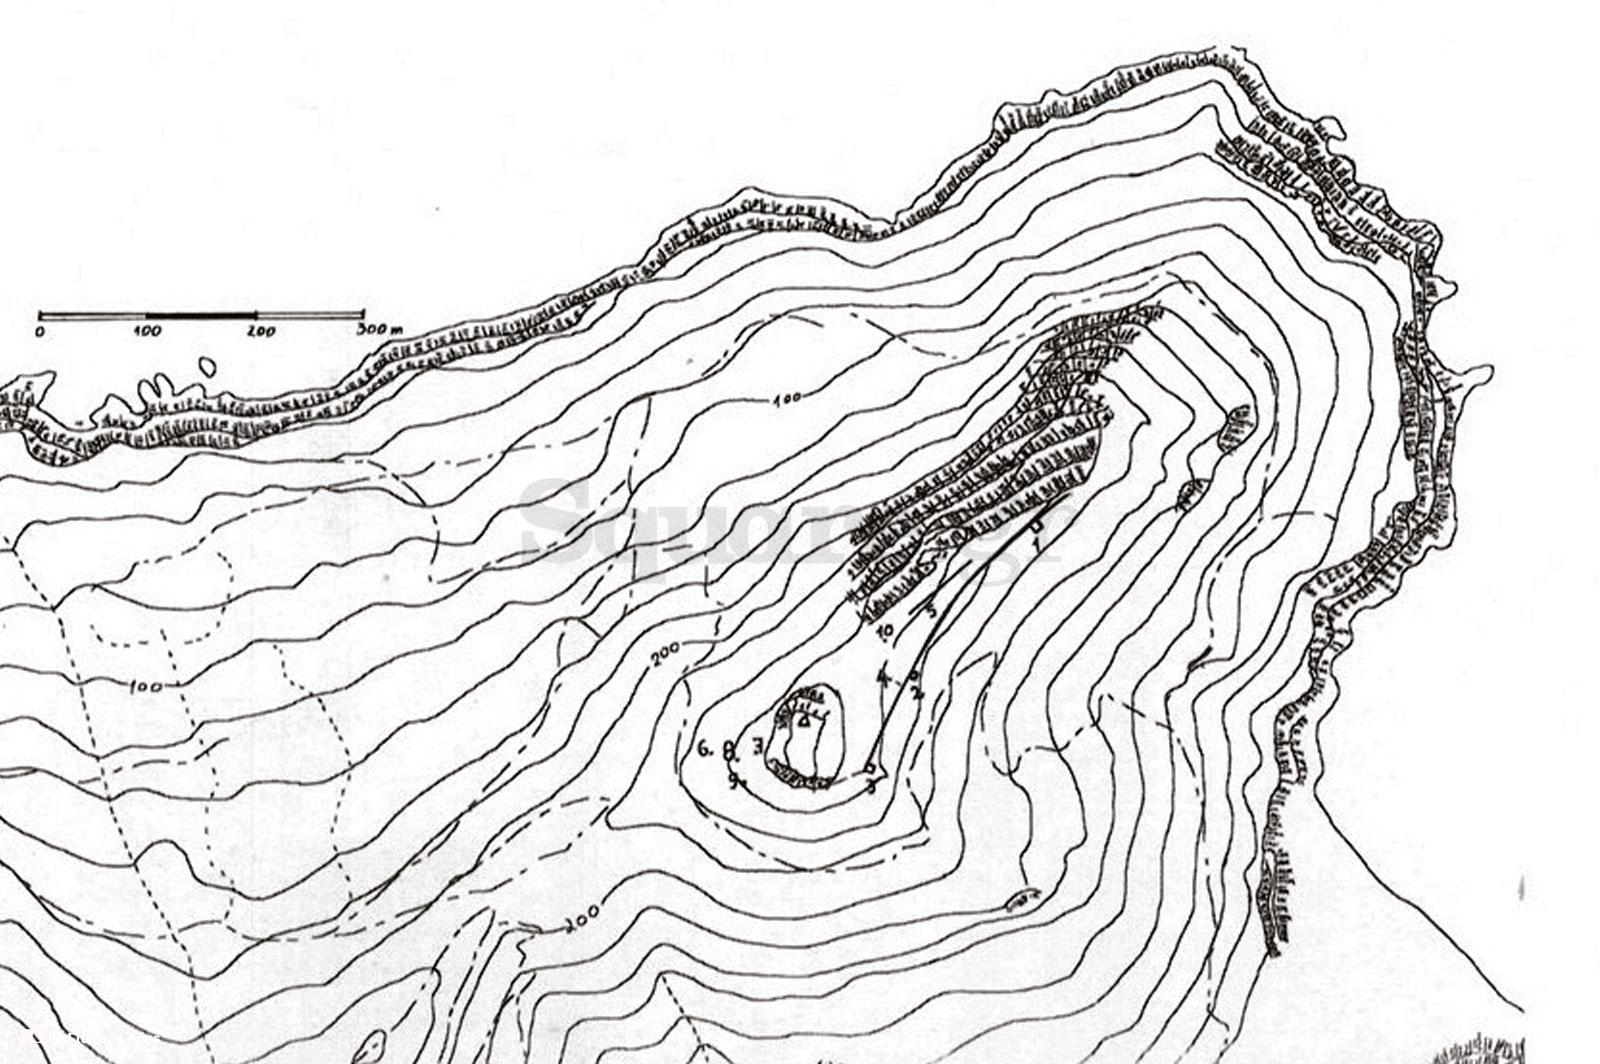 15-Σχεδιάγραμμα-της-τοποθεσίας-του-ακρωτηρίου-της-Φυλάγρας,-από-την-μελέτη-«Οχυρώσεις